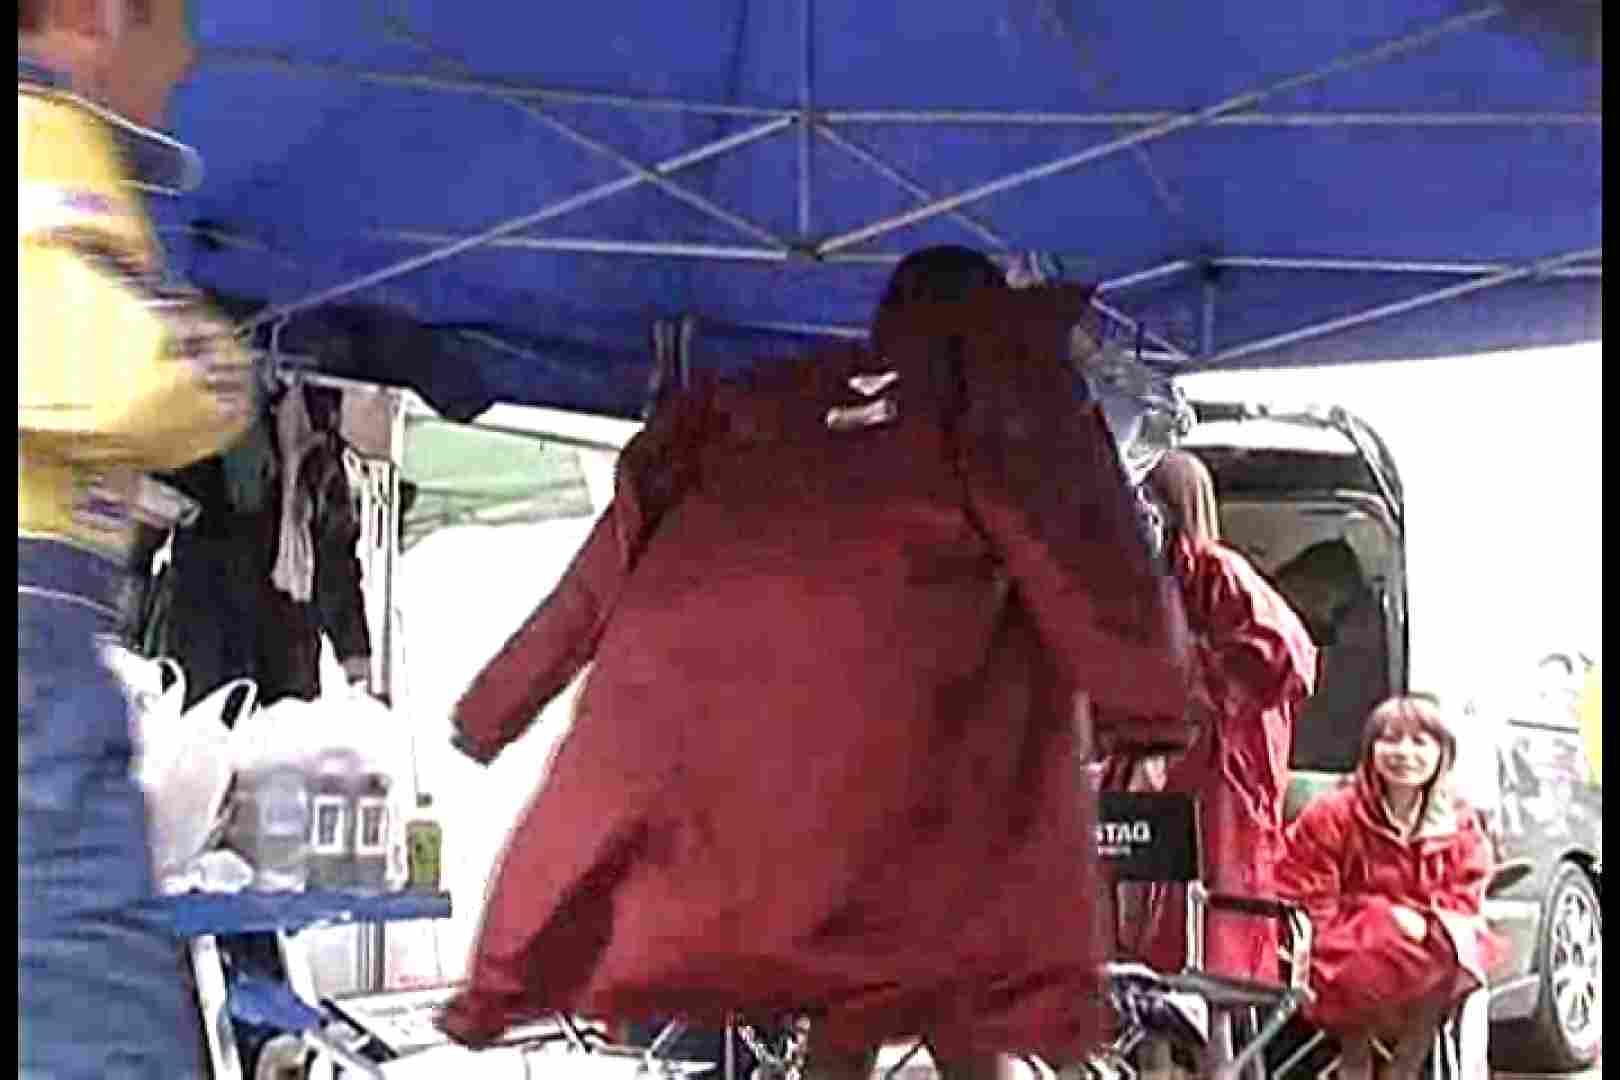 RQカメラ地獄Vol.4 無修正マンコ 盗み撮りオマンコ動画キャプチャ 83PICs 19